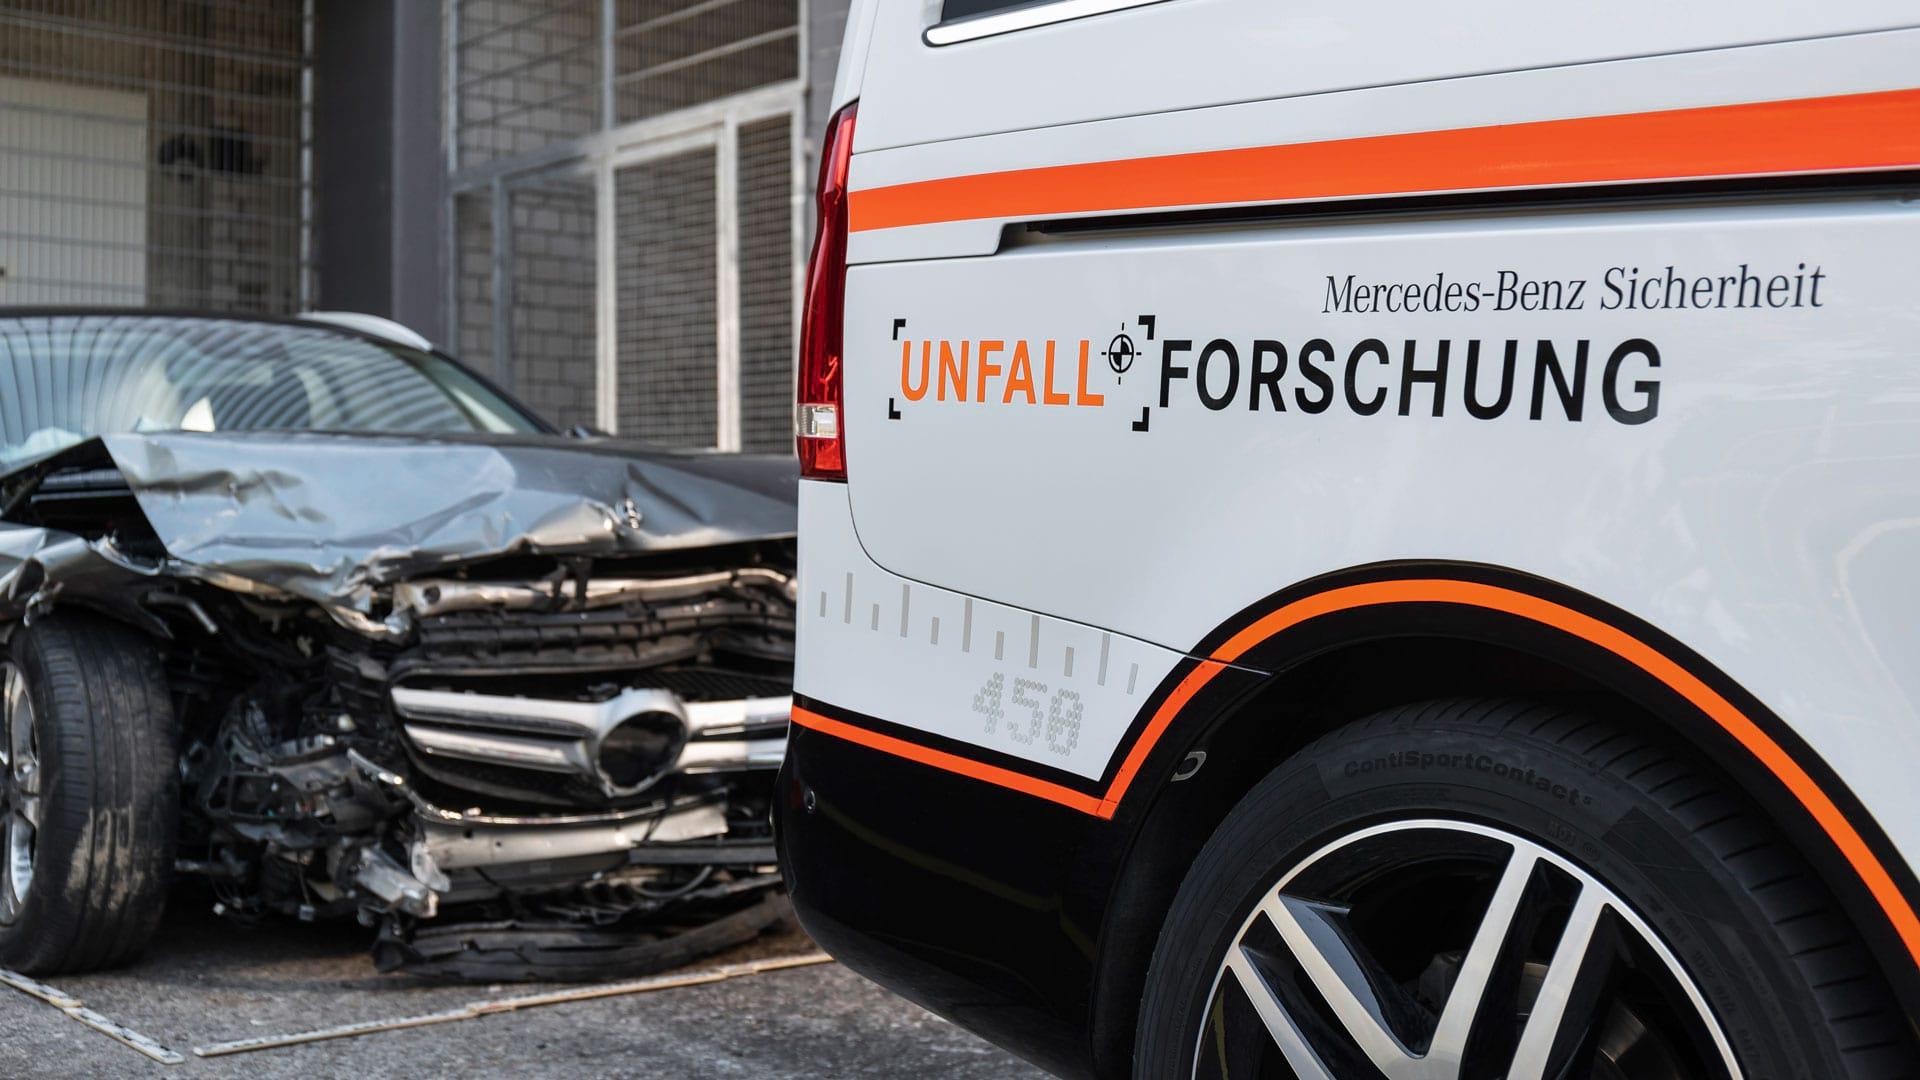 Mercedes–Benz шлях до досконалості – 50 років досліджень аварій